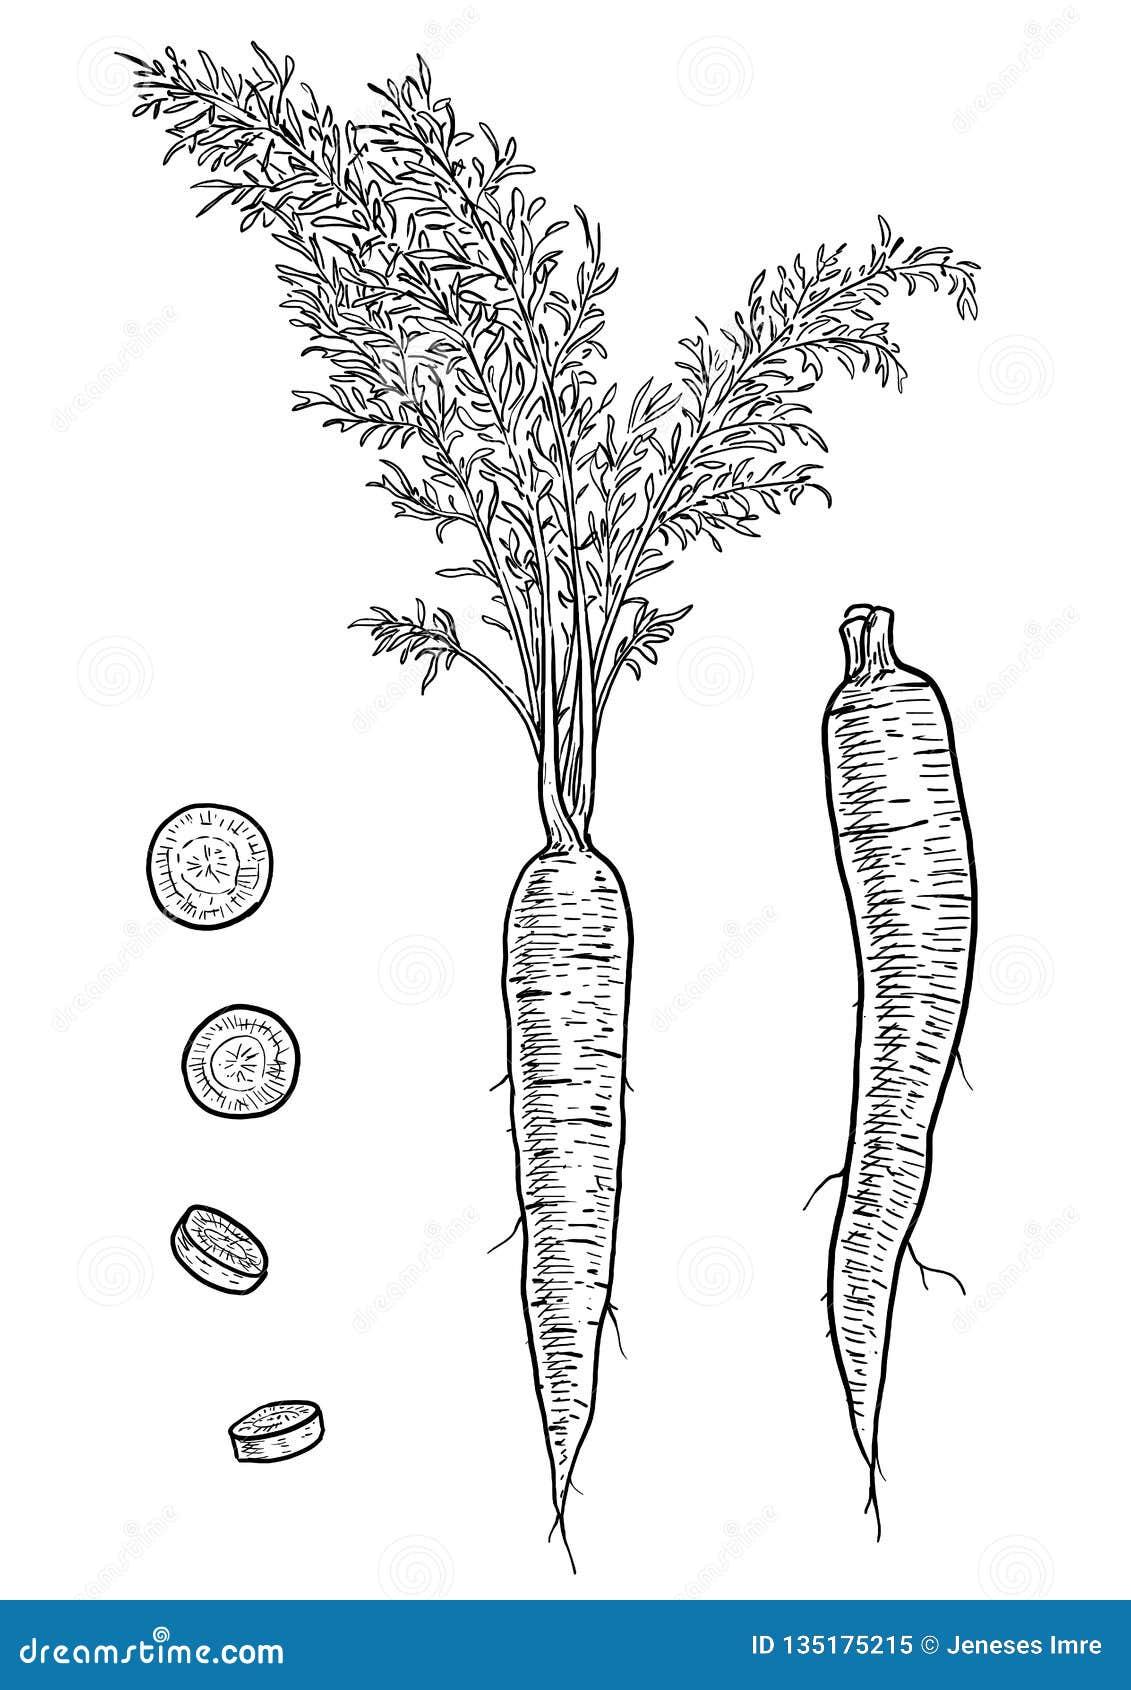 Ejemplo De La Zanahoria Dibujo Grabado Tinta Linea Arte Vector Ilustracion Del Vector Ilustracion De Arte Linea 135175215 Aprende con este dibujo de zanahoria paso a paso. zanahoria dibujo grabado tinta